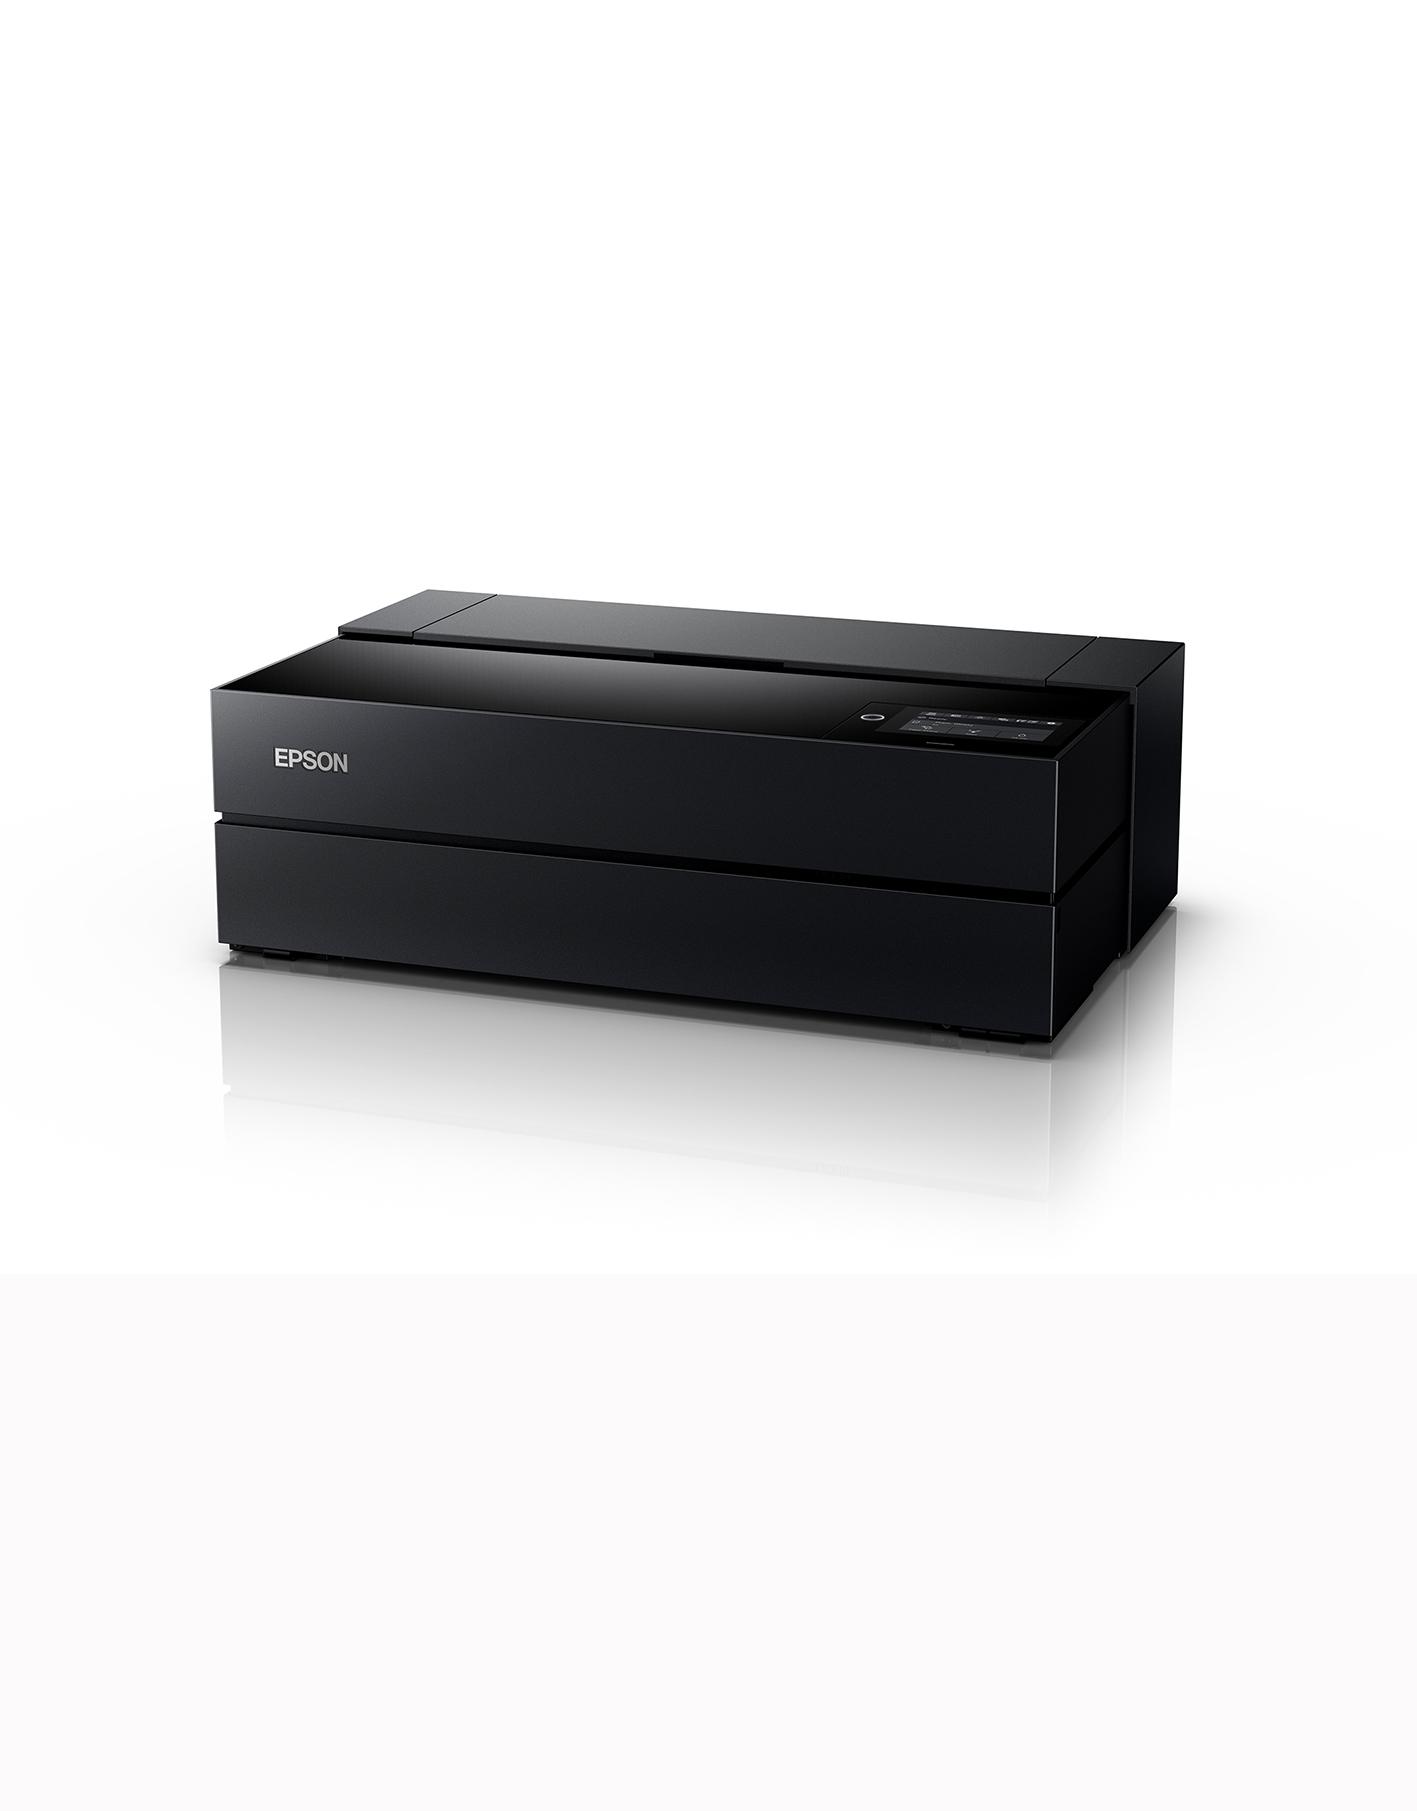 Die beiden neuen Epson SureColor SC-P700 (DIN A3+) und SC-P900 (DIN A2+) erzeugen hochwertige Drucke für anspruchsvolle Fotografen und Künstler.